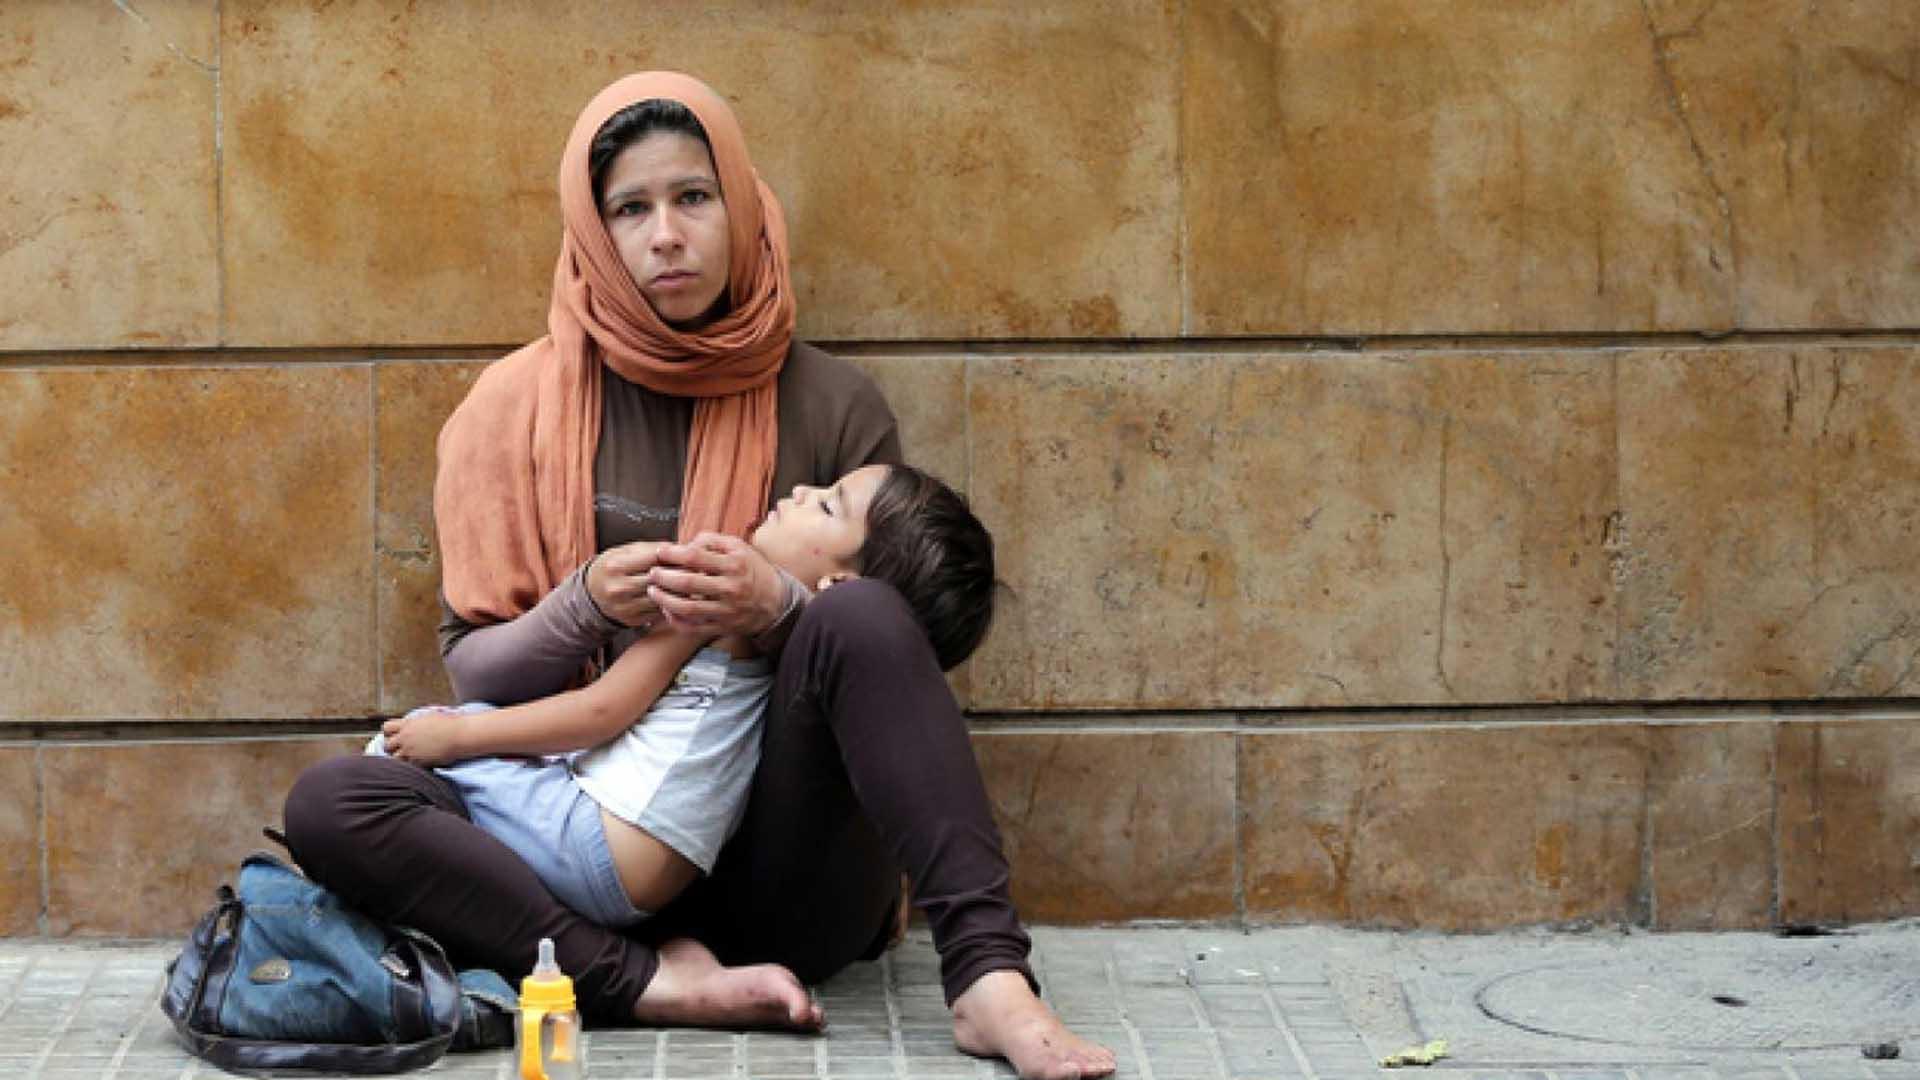 المرأة تحت نير الأزمة في سورية (طيف واسع من ألوان المعاناة)